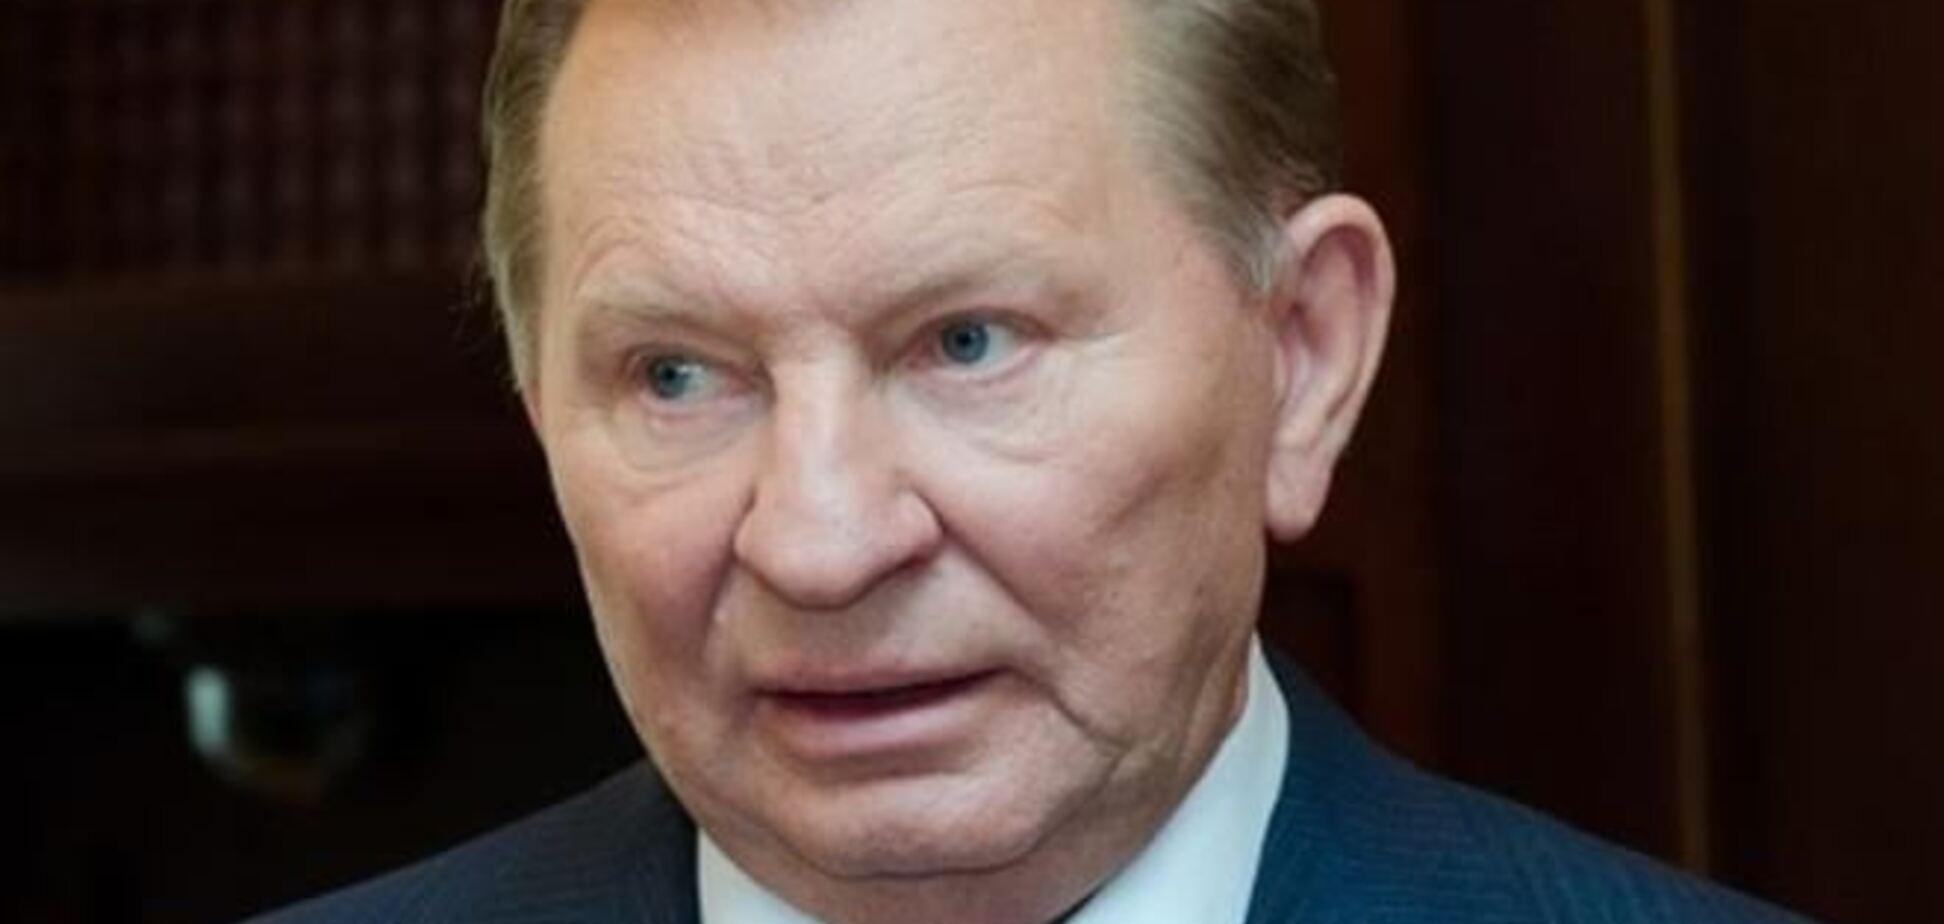 Дело Коломойский vs Пинчук в Лондонском суде грозит уголовным преследованием Кучме